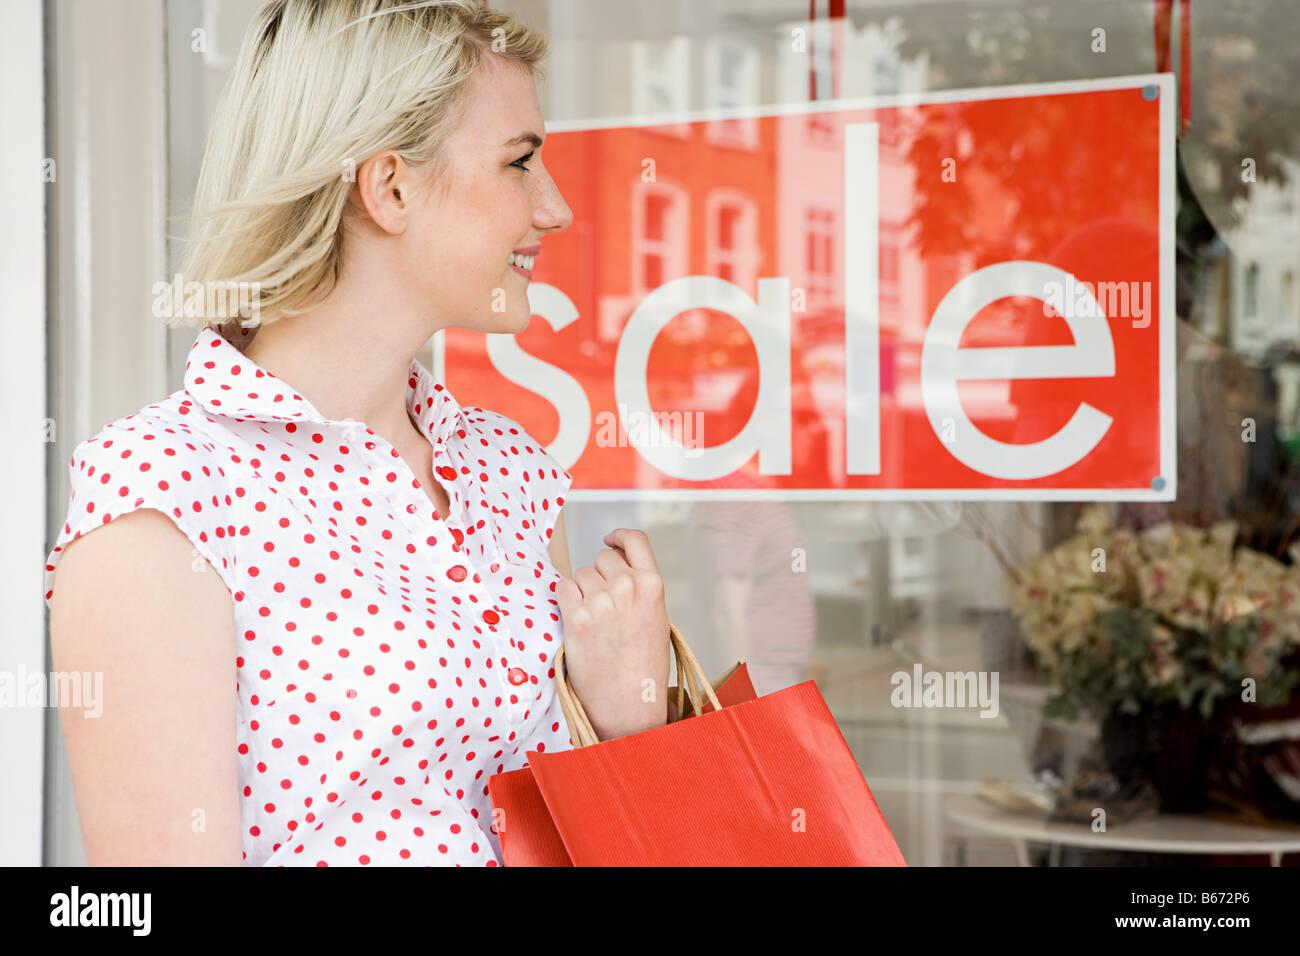 Frau auf der Suche bei einem Shop-Verkauf Stockbild